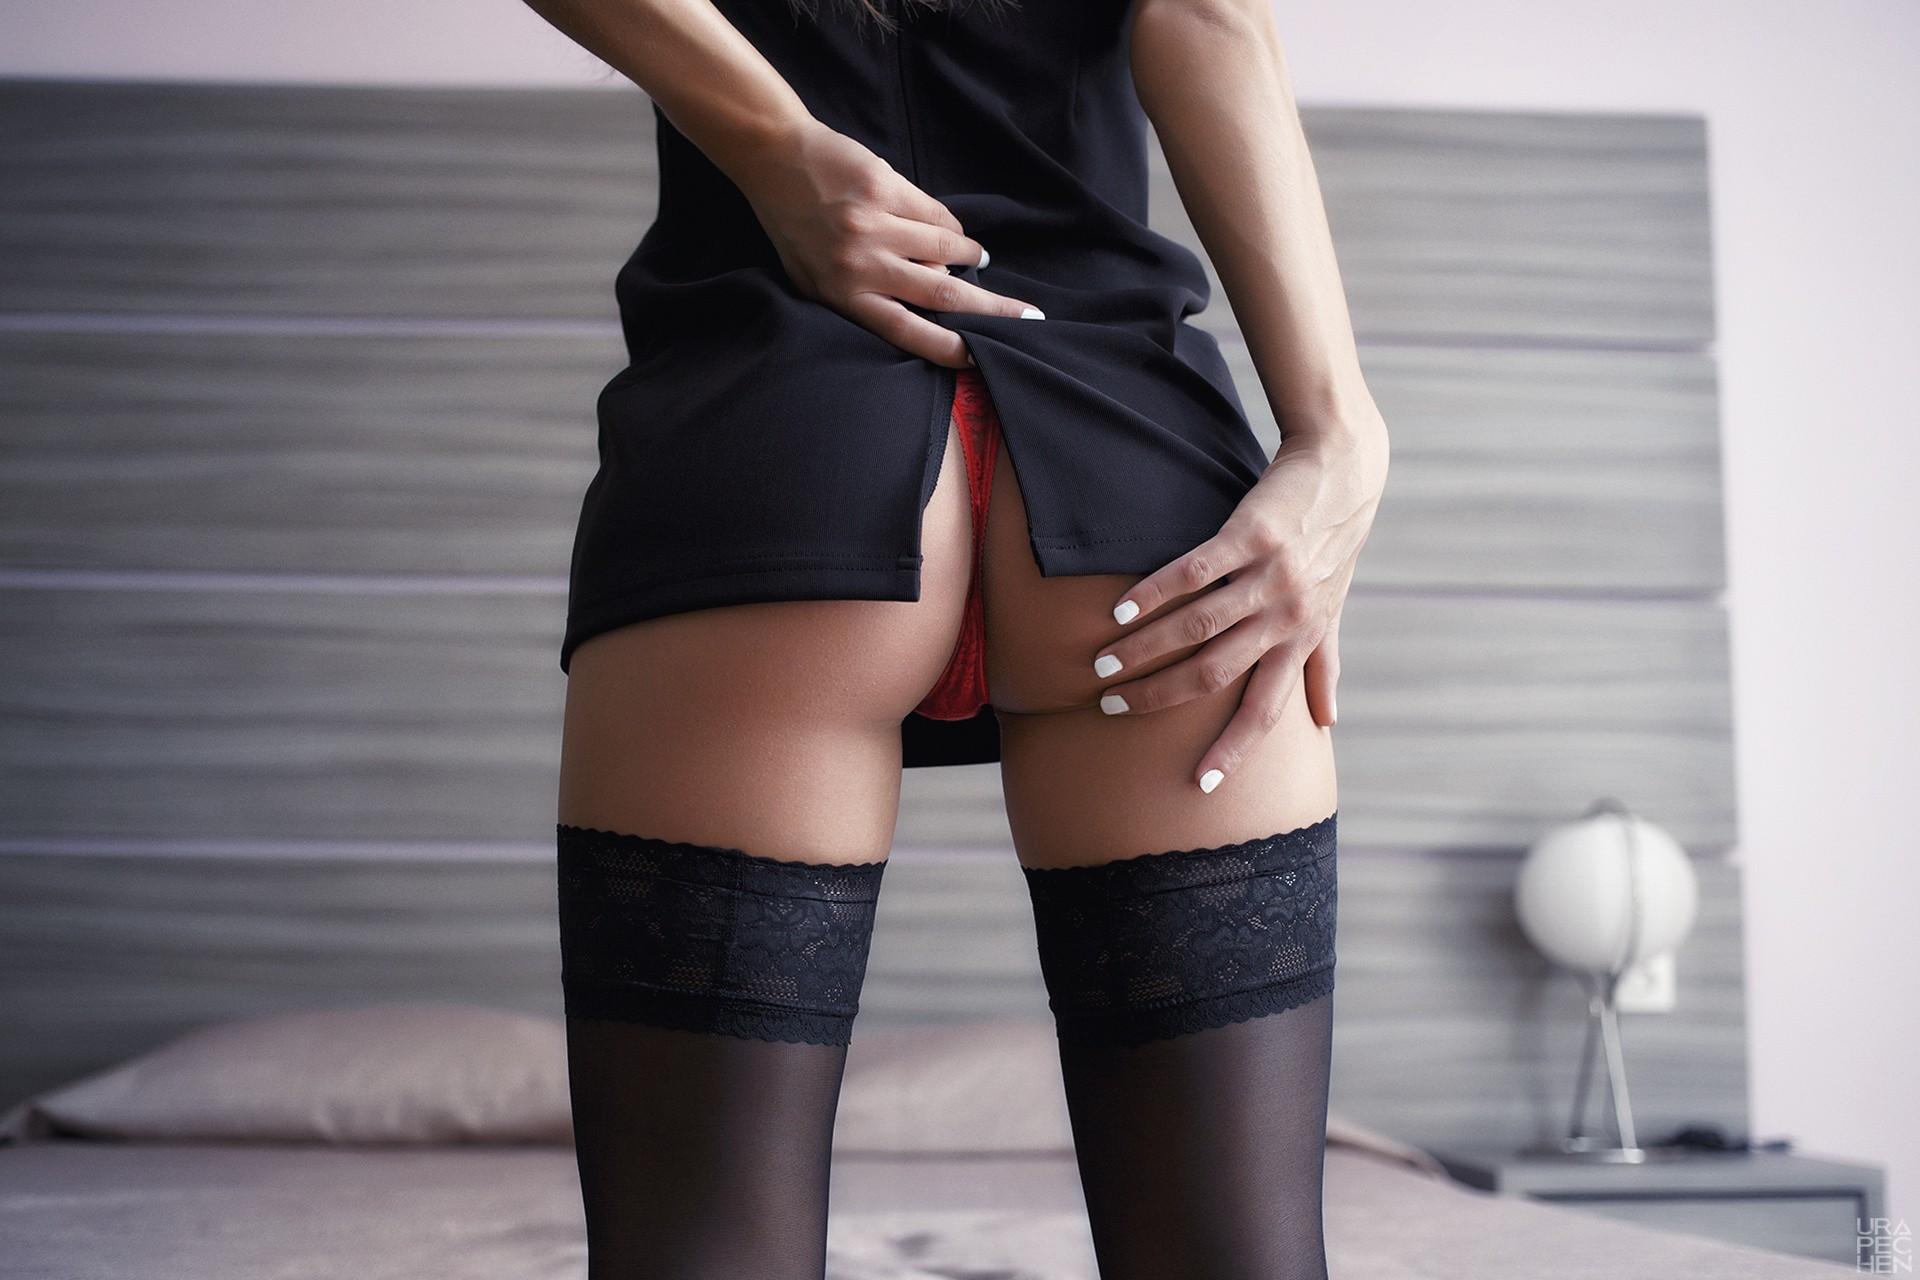 Фото девушек в мини юбке чулках и стрингах — 4